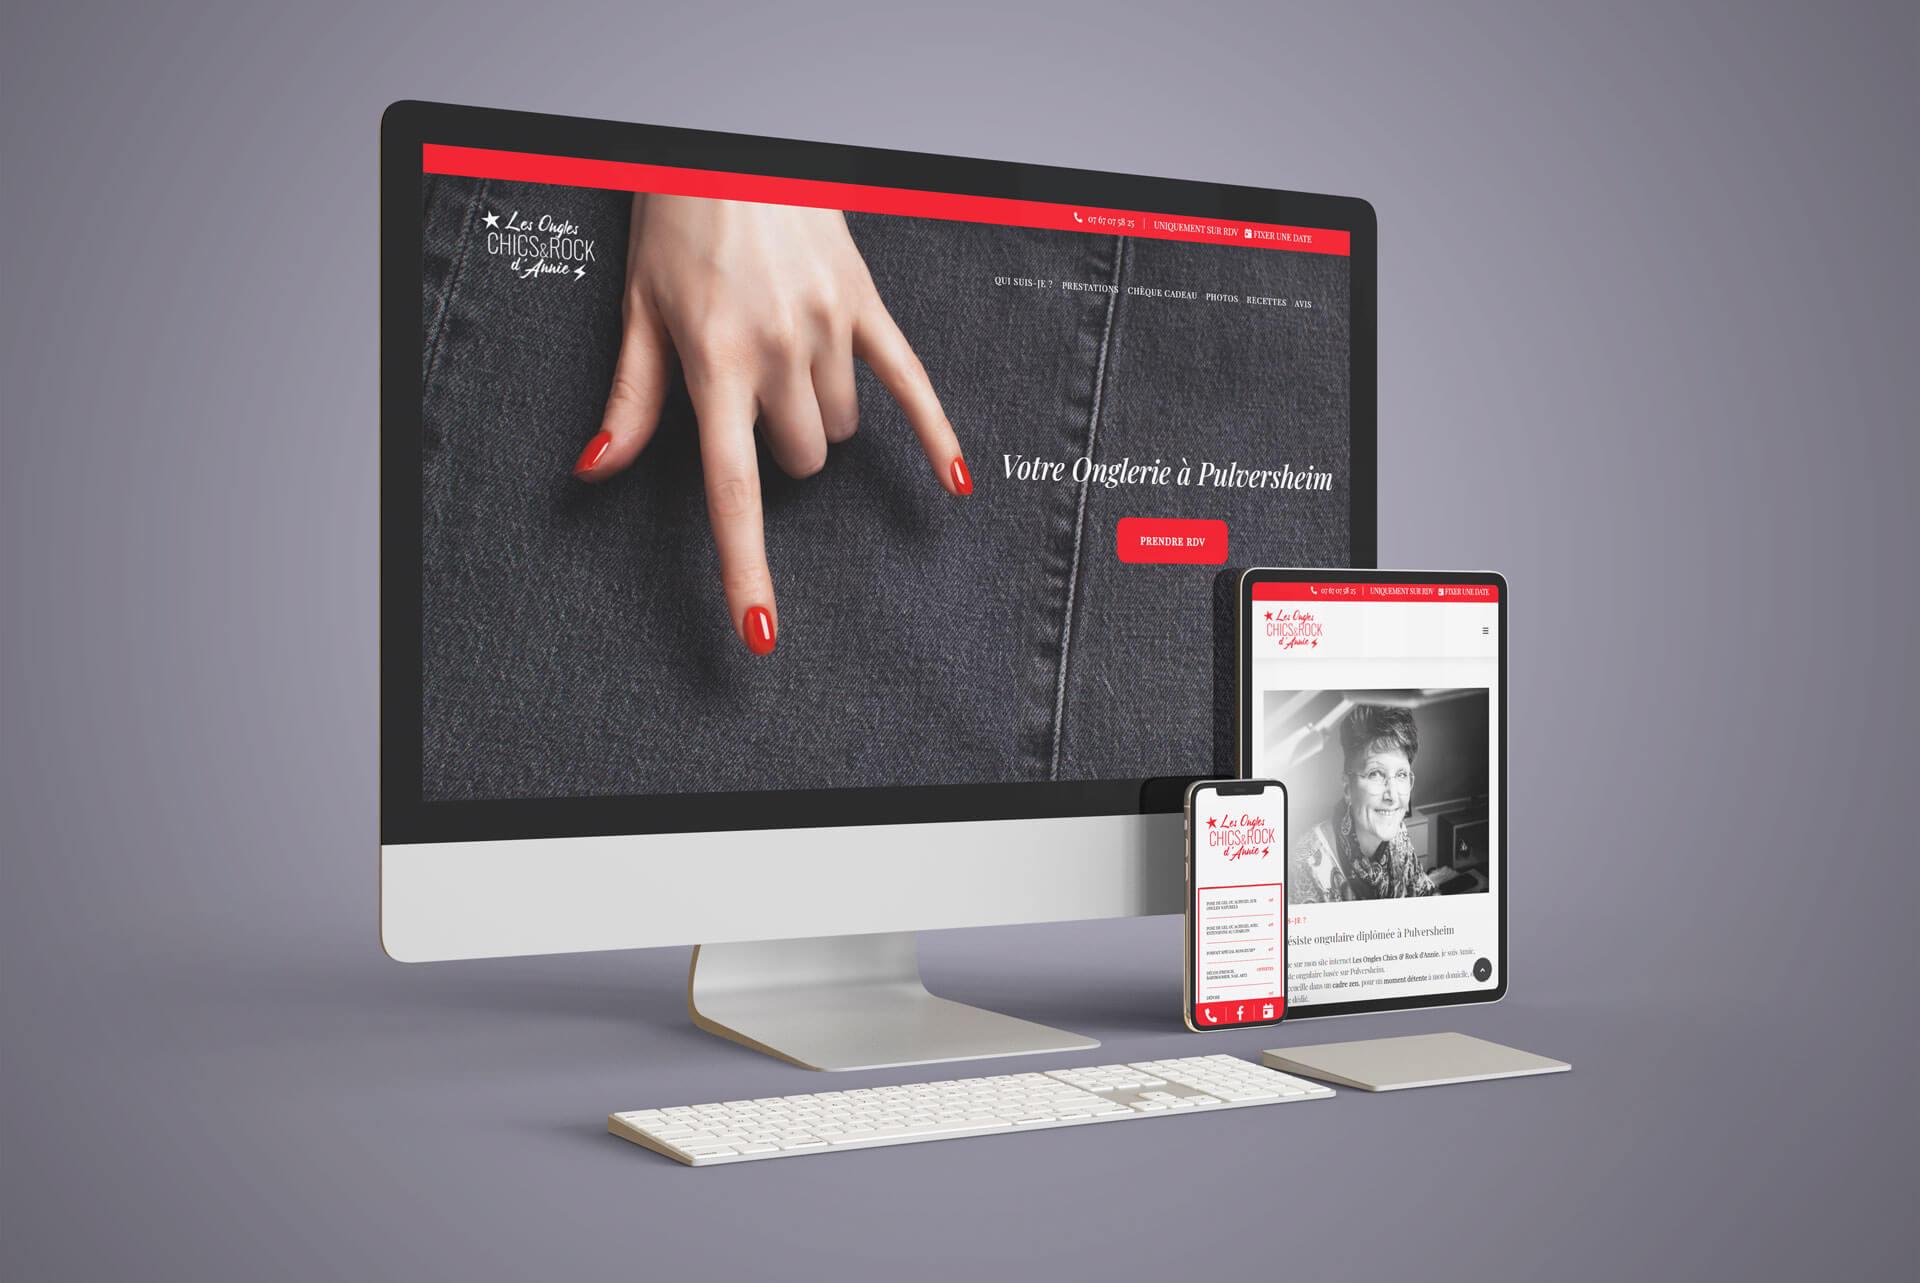 Mockup du nouveau site internet de l'onglerie à Pulversheim